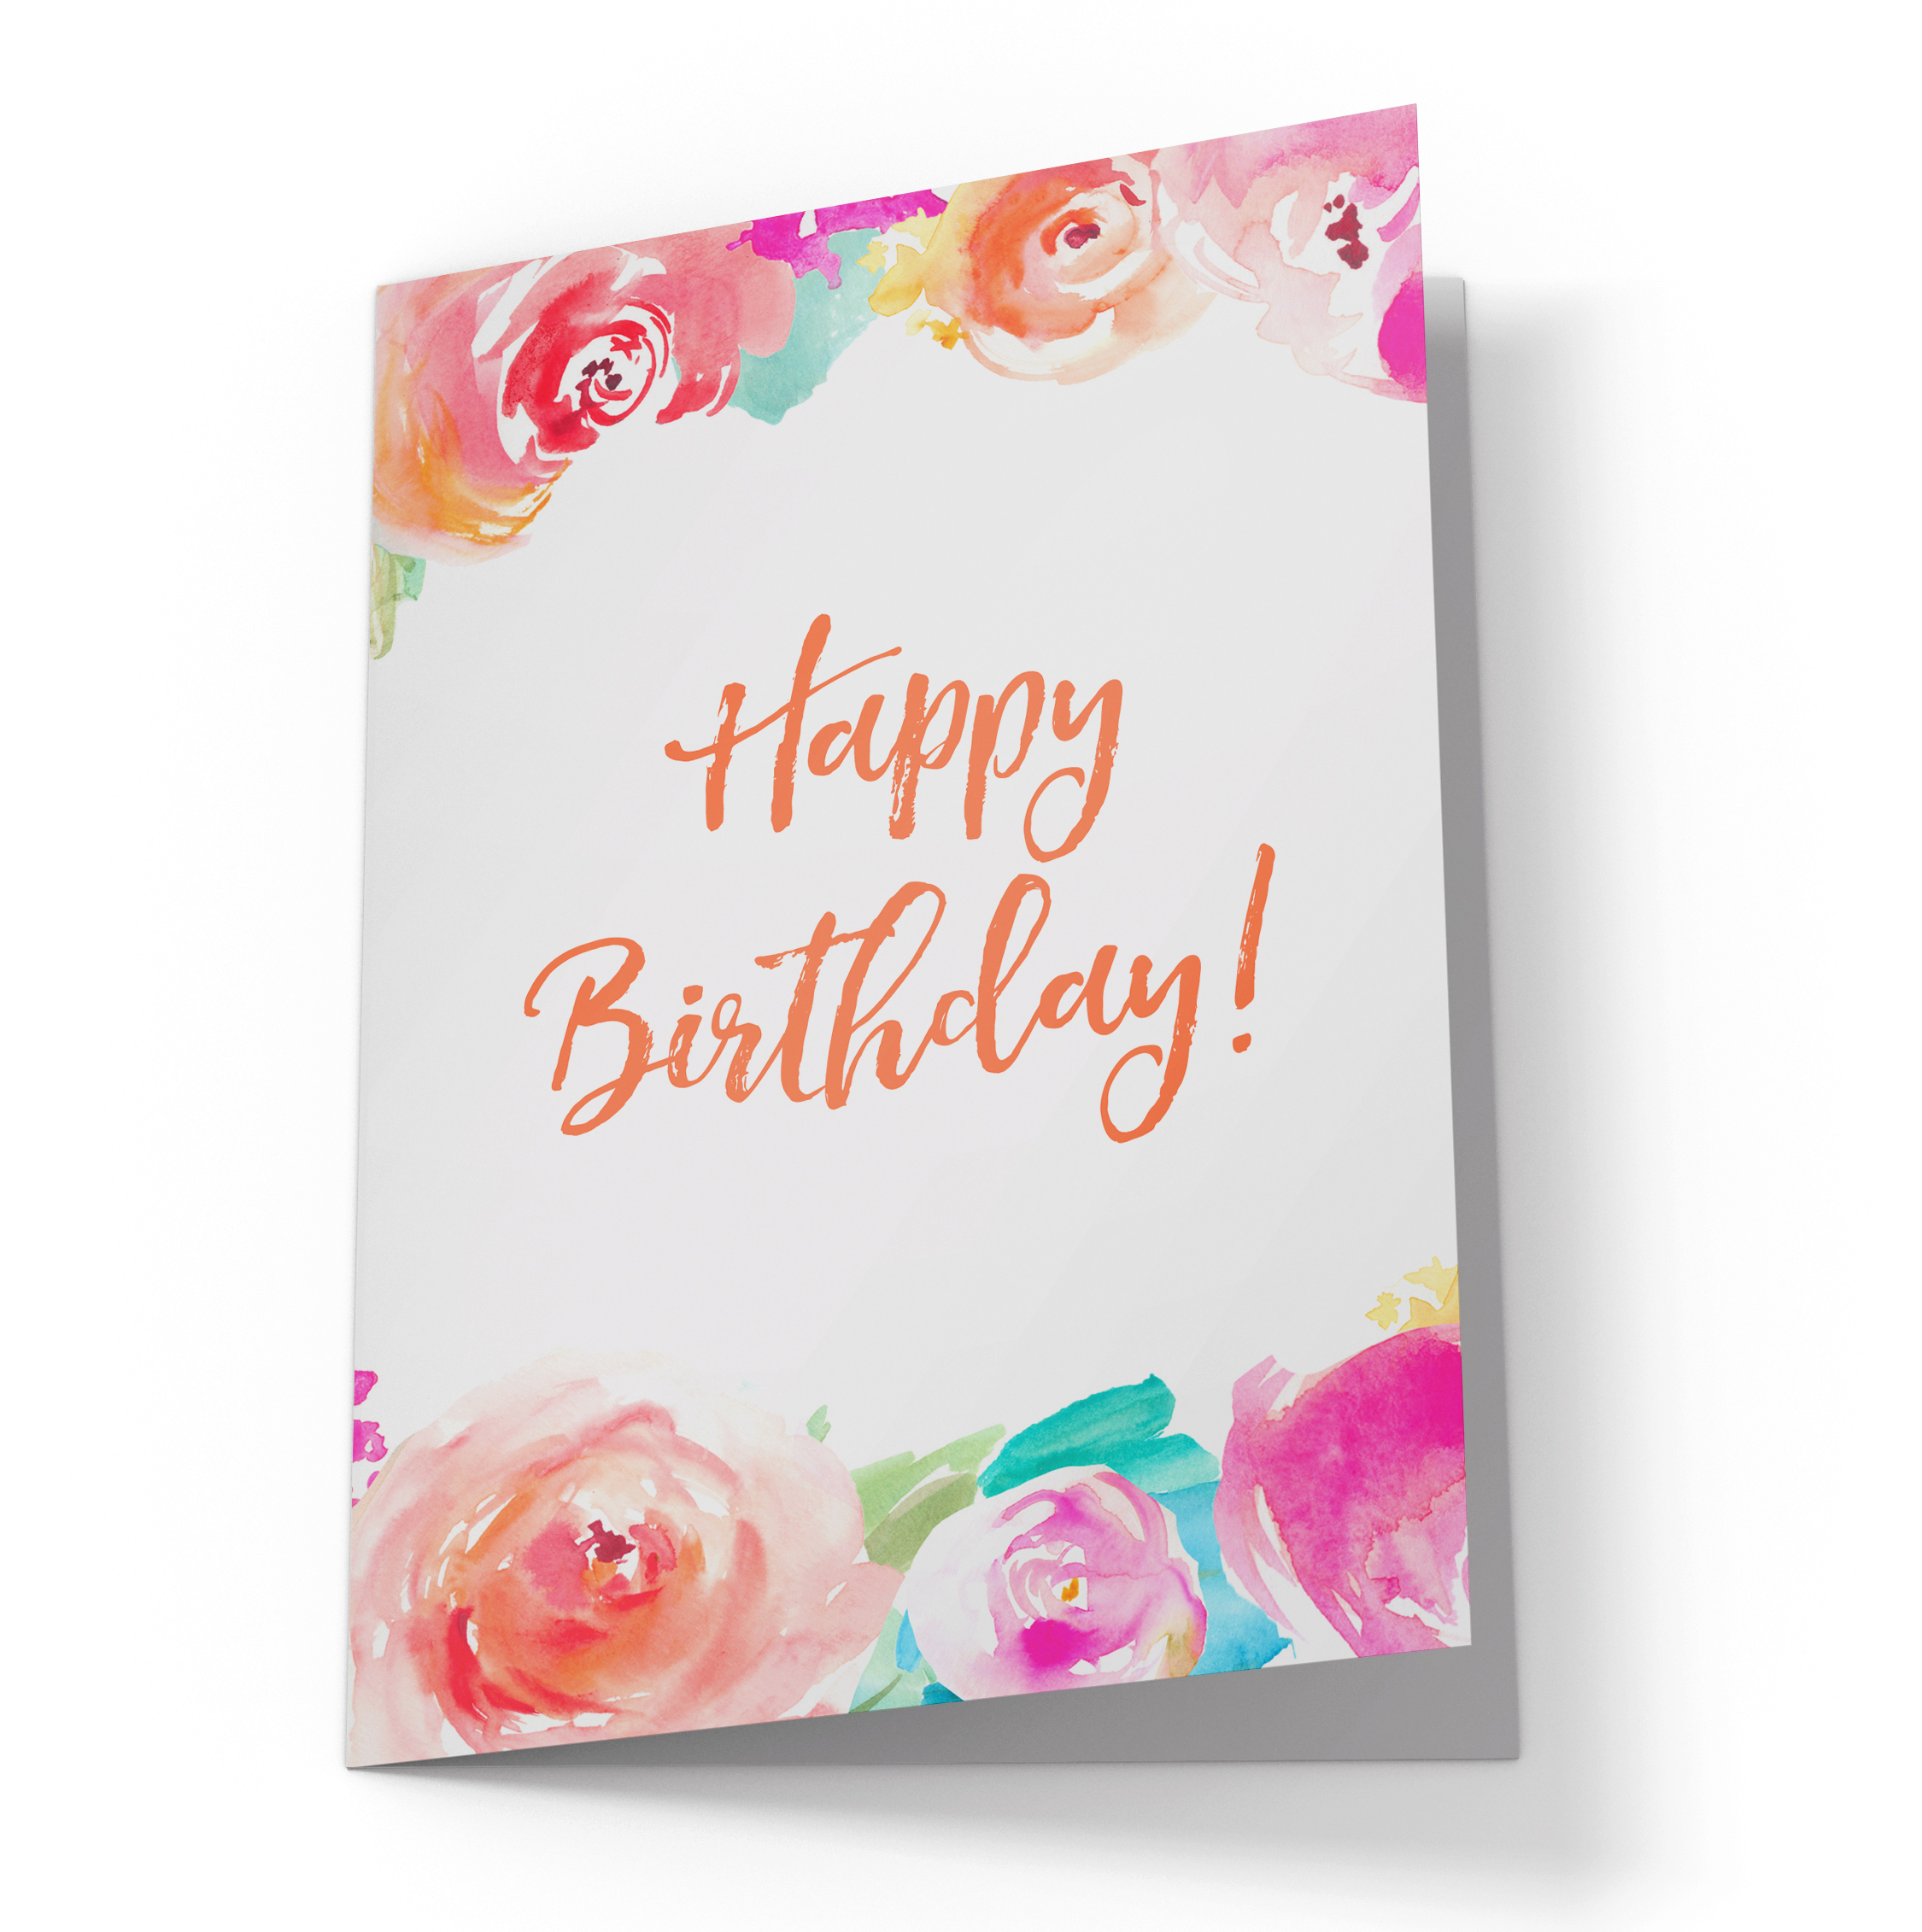 2250x2262 Happy Birthday Card Svg Cut File. Cute Happy Birthday Card With